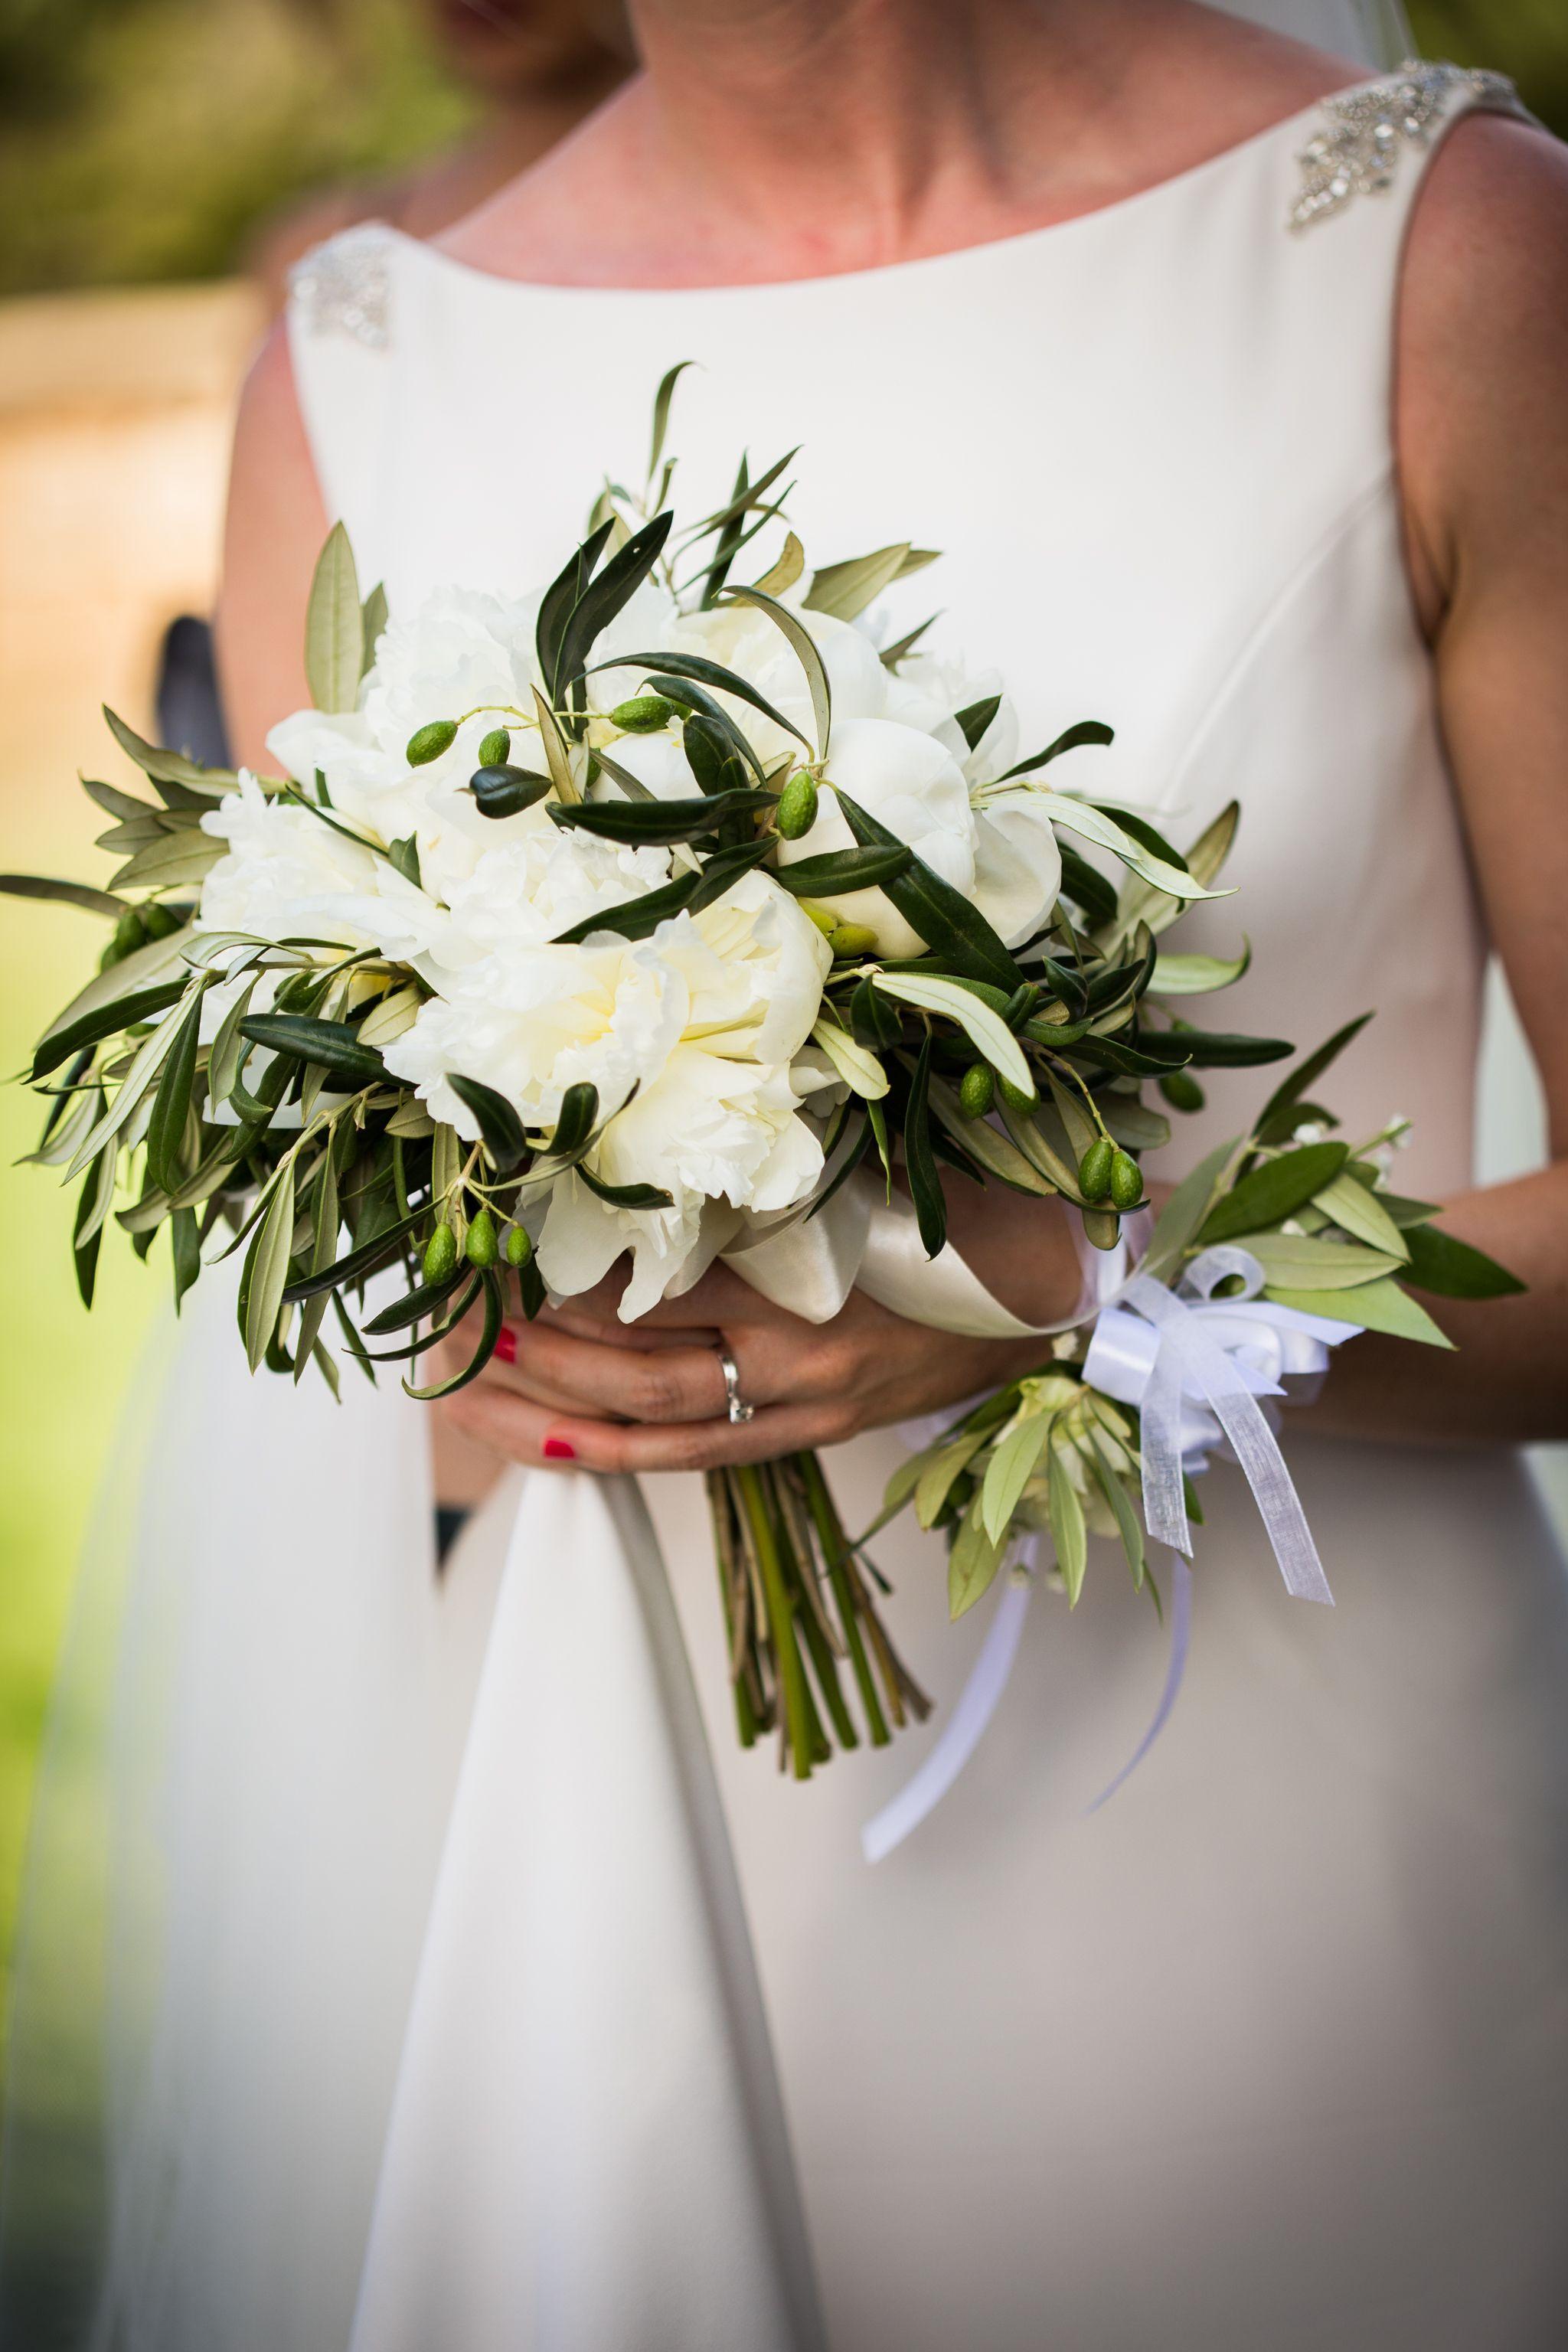 Bouquet Sposa Ulivo.Per Un Matrimonio Sul Mare Semplice Ulivo E Peonie Bianche